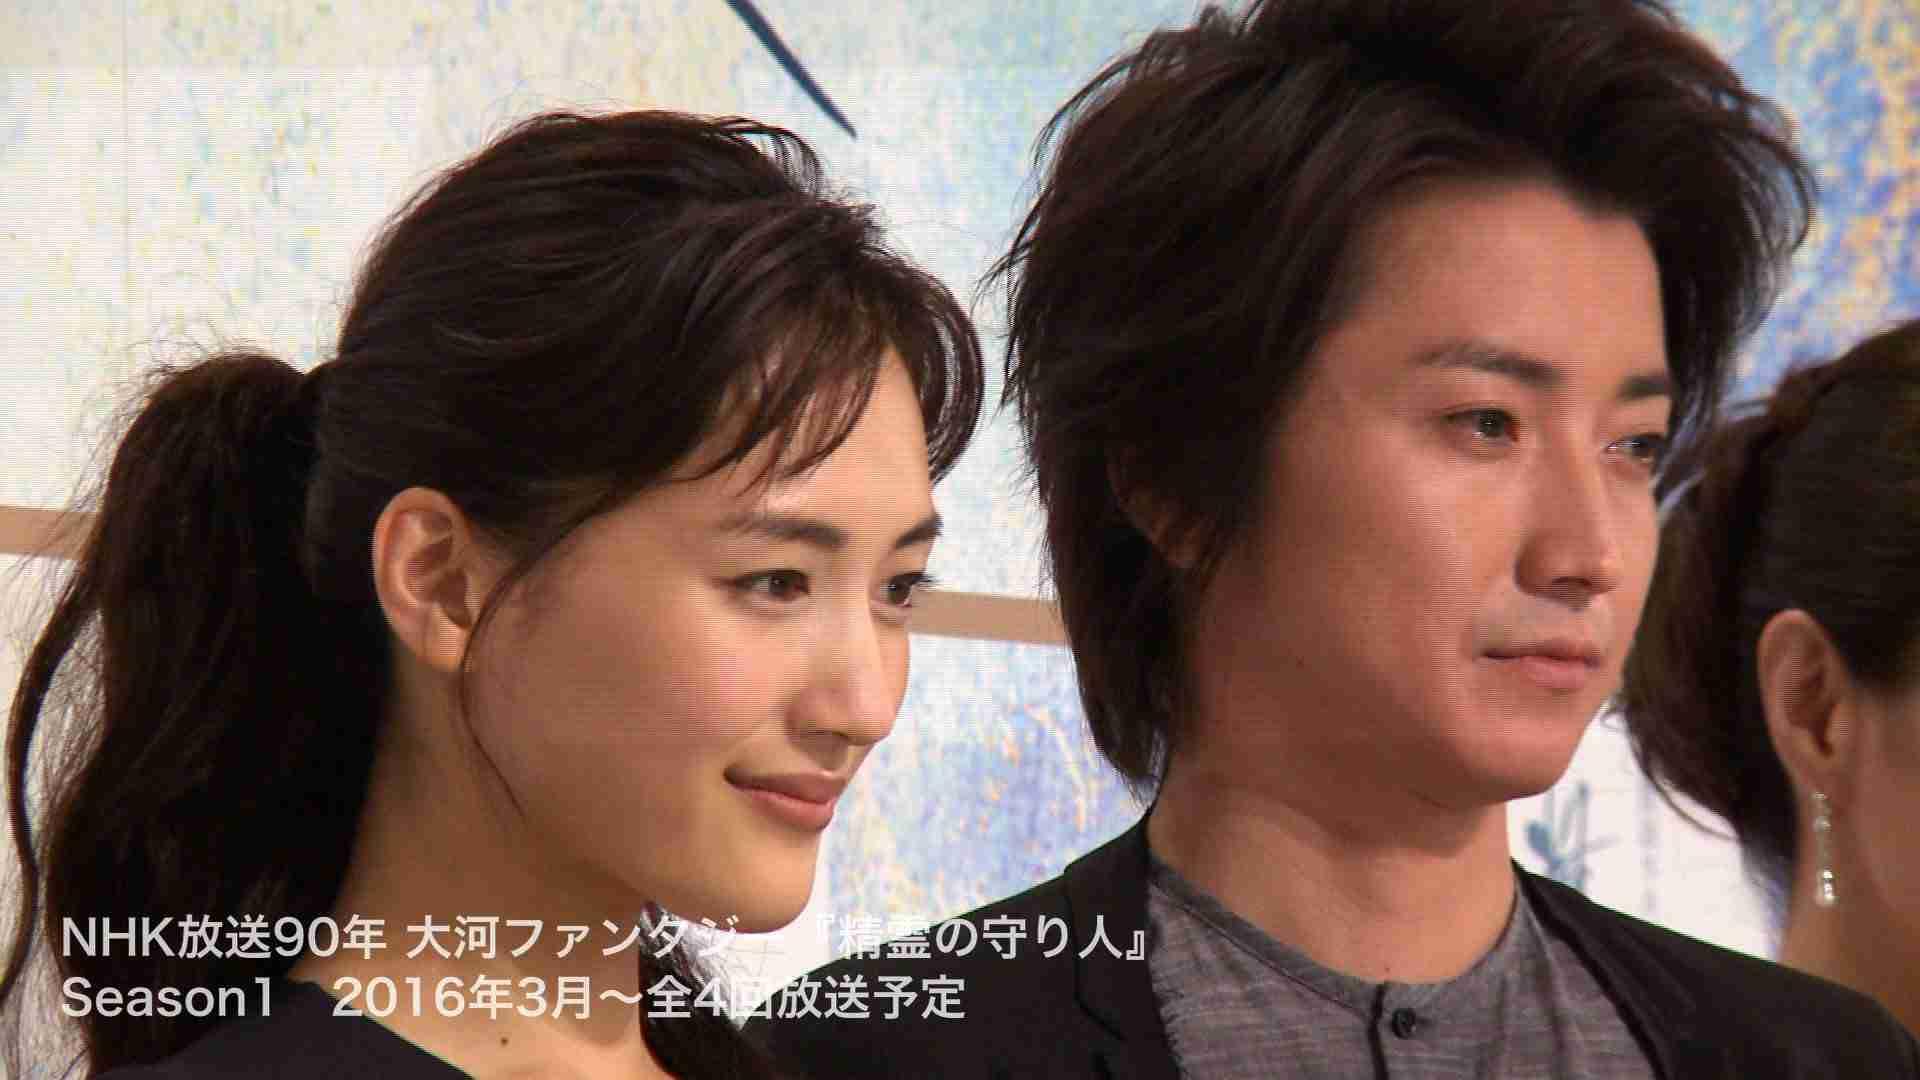 綾瀬はるかの裏の顔…破局の松坂桃李のストーカー化寸前、現場で仕事への不満爆発